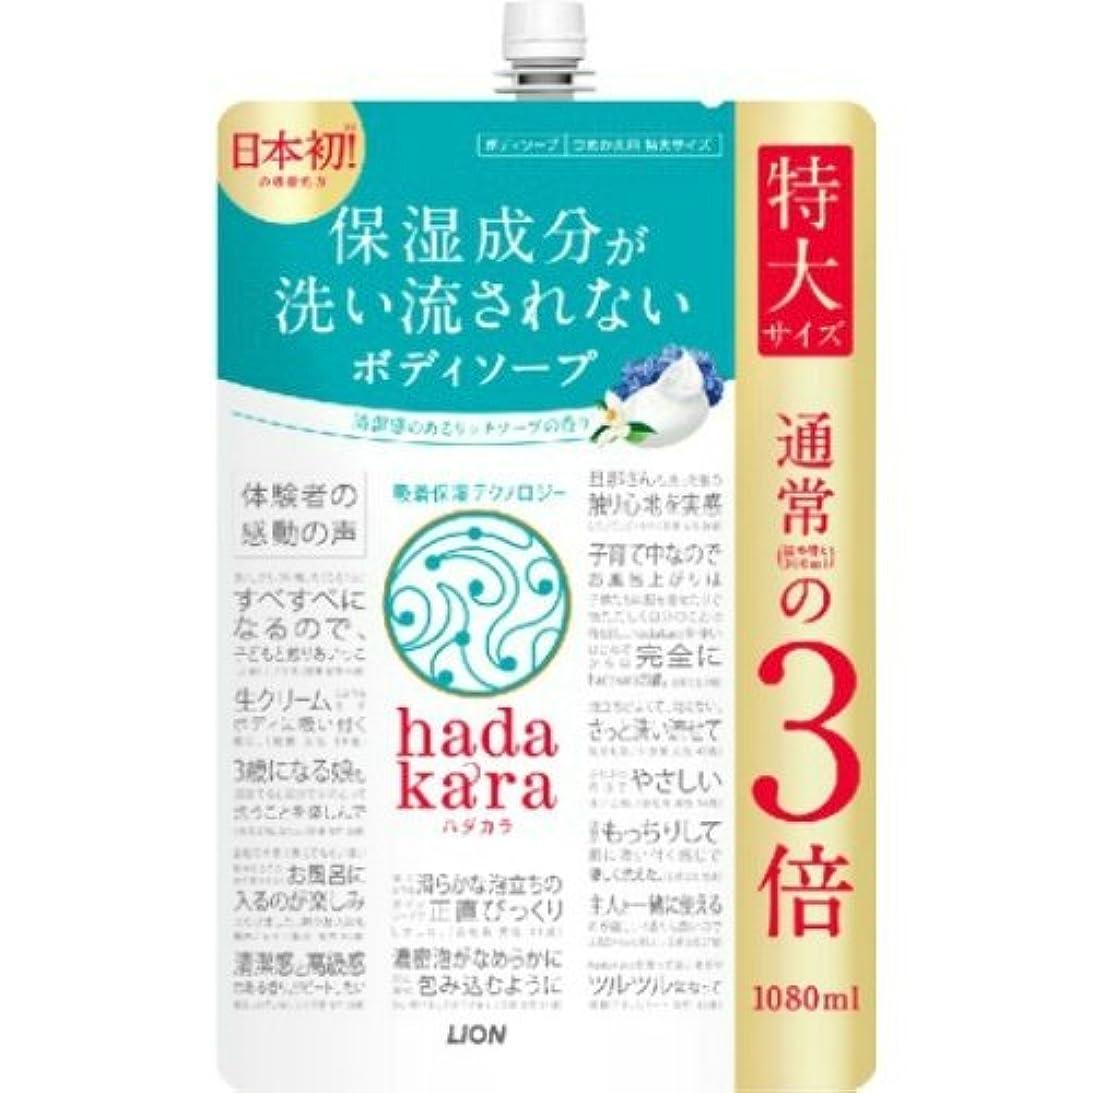 学部ラッシュペルーLION ライオン hadakara ハダカラ ボディソープ リッチソープの香り つめかえ用 特大サイズ 1080ml ×006点セット(4903301260882)